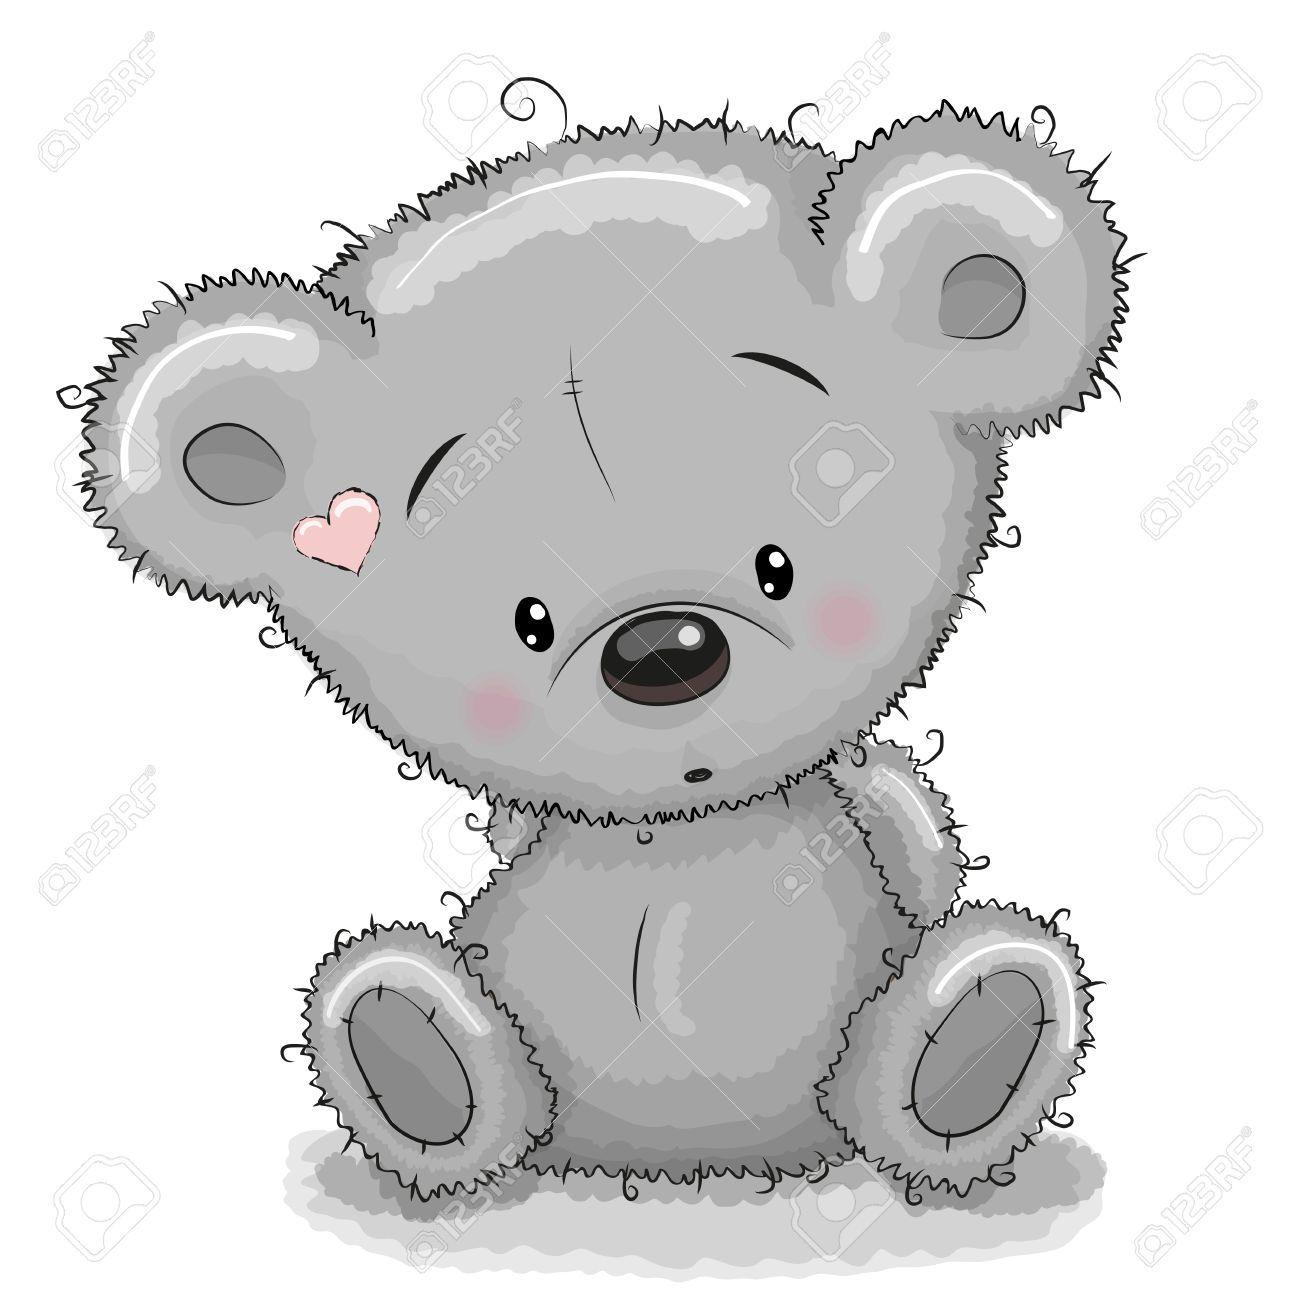 Cute Cartoon Teddy Bear Isolated On A White Background Royalty Free Teddy Bear Drawing Teddy Bear Nursery Decor Teddy Bear Wall Decor